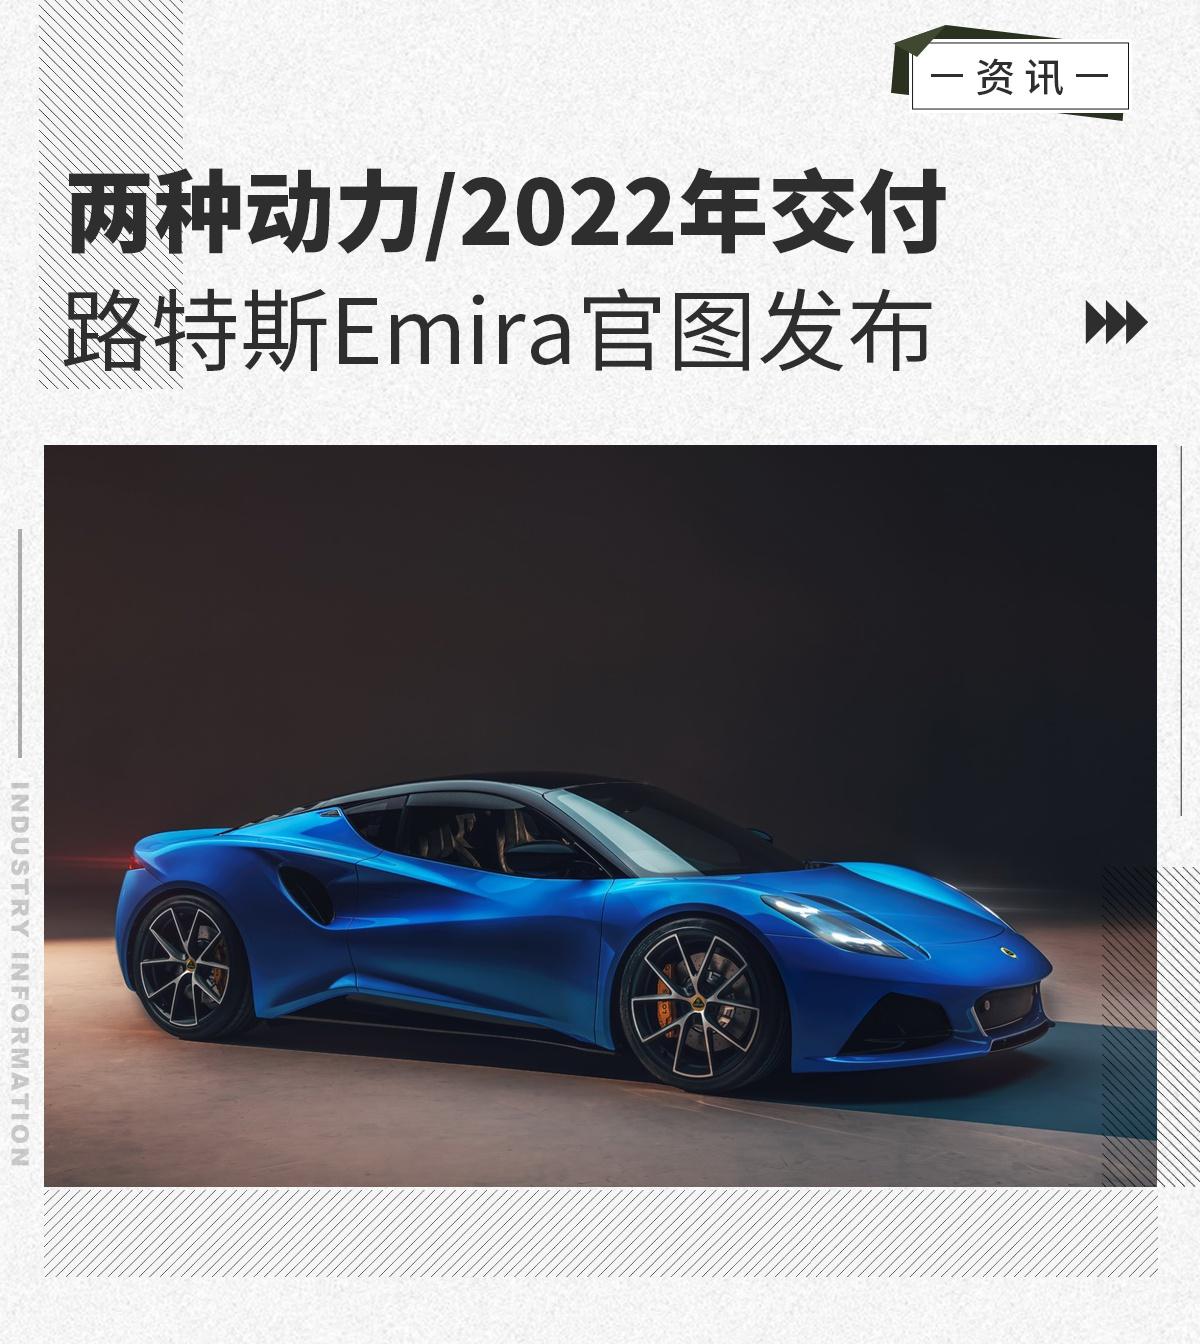 两种动力/2022年交付 路特斯Emira正式发布